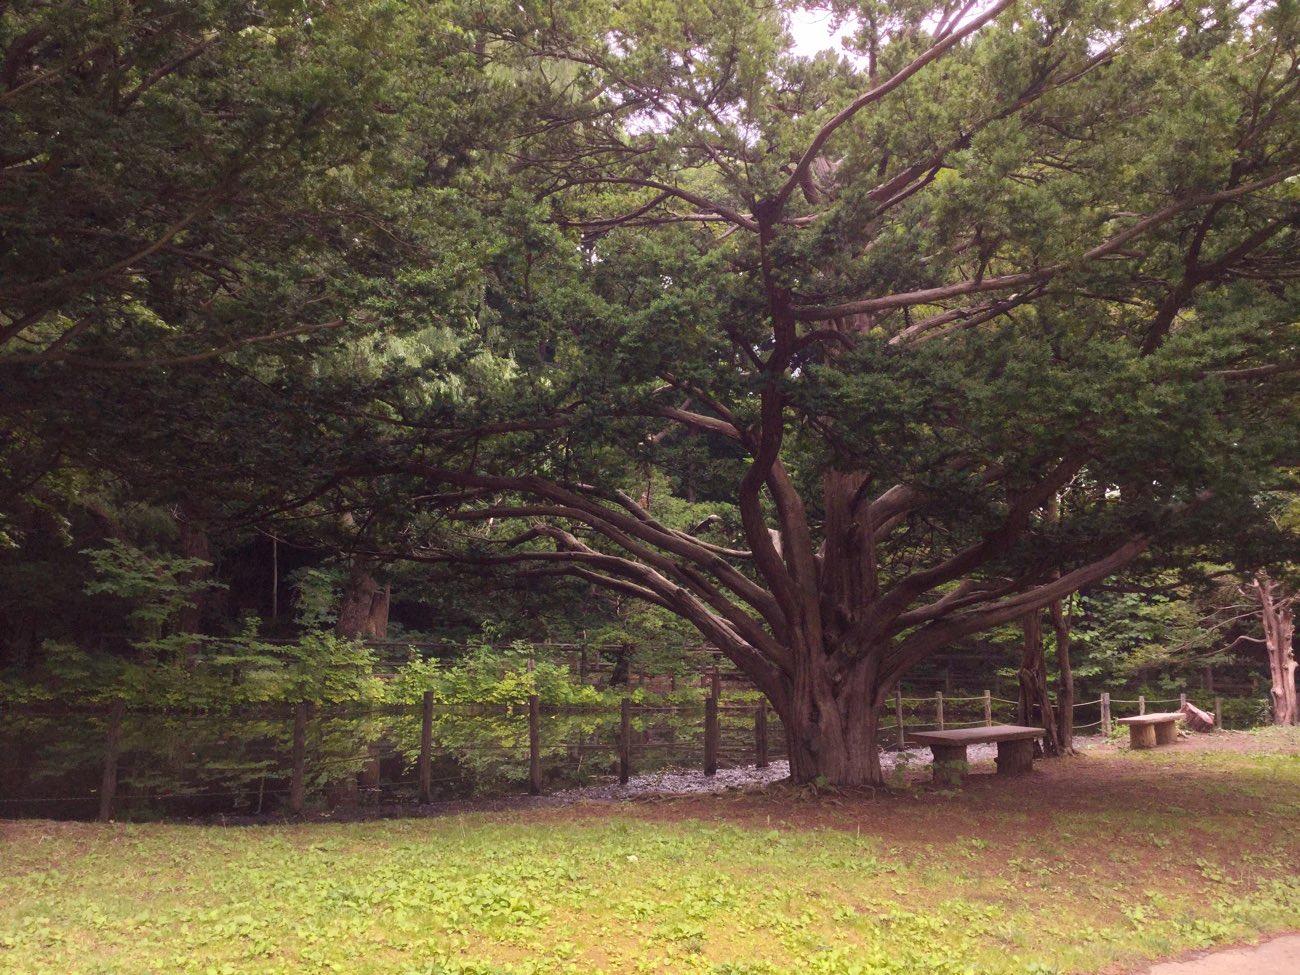 幹の下の方から枝が広がっている木